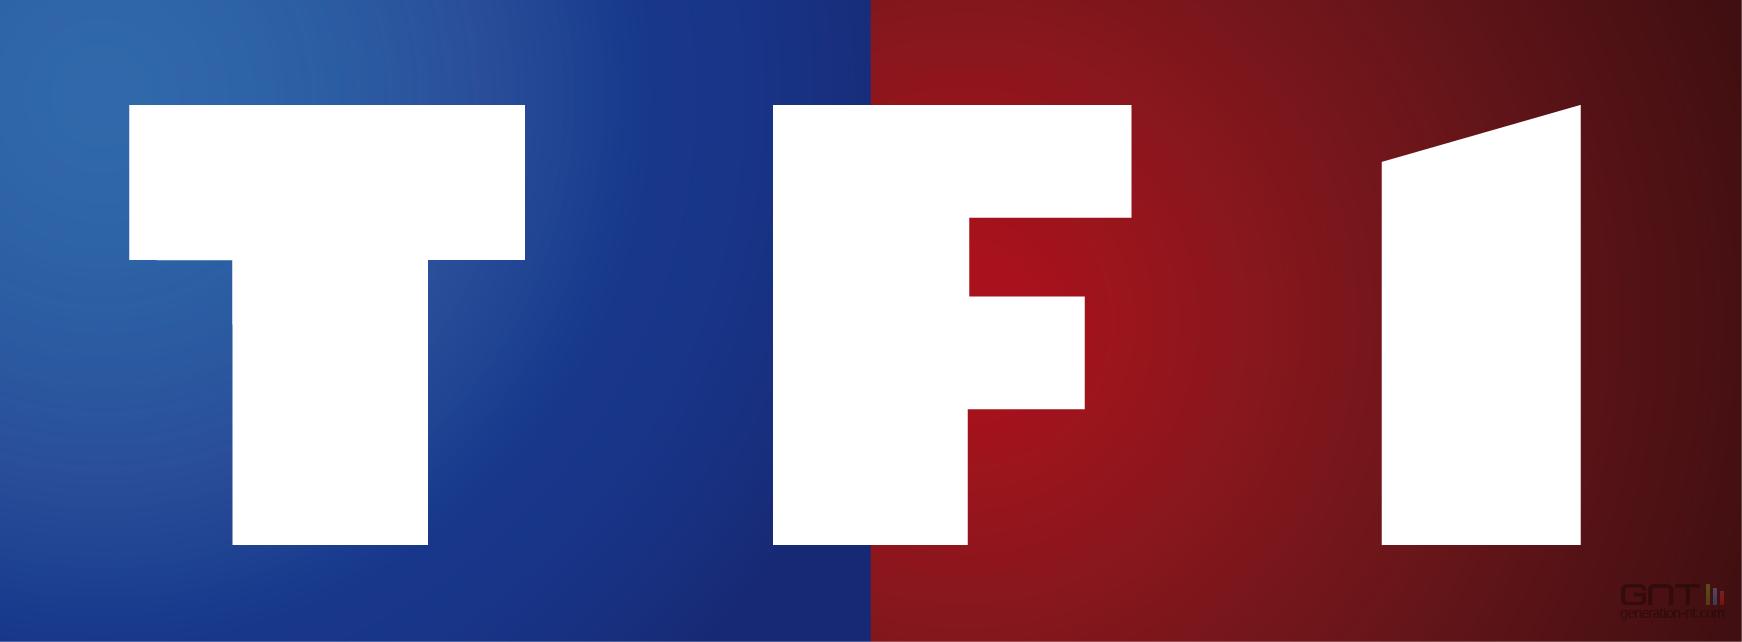 image logo tf1